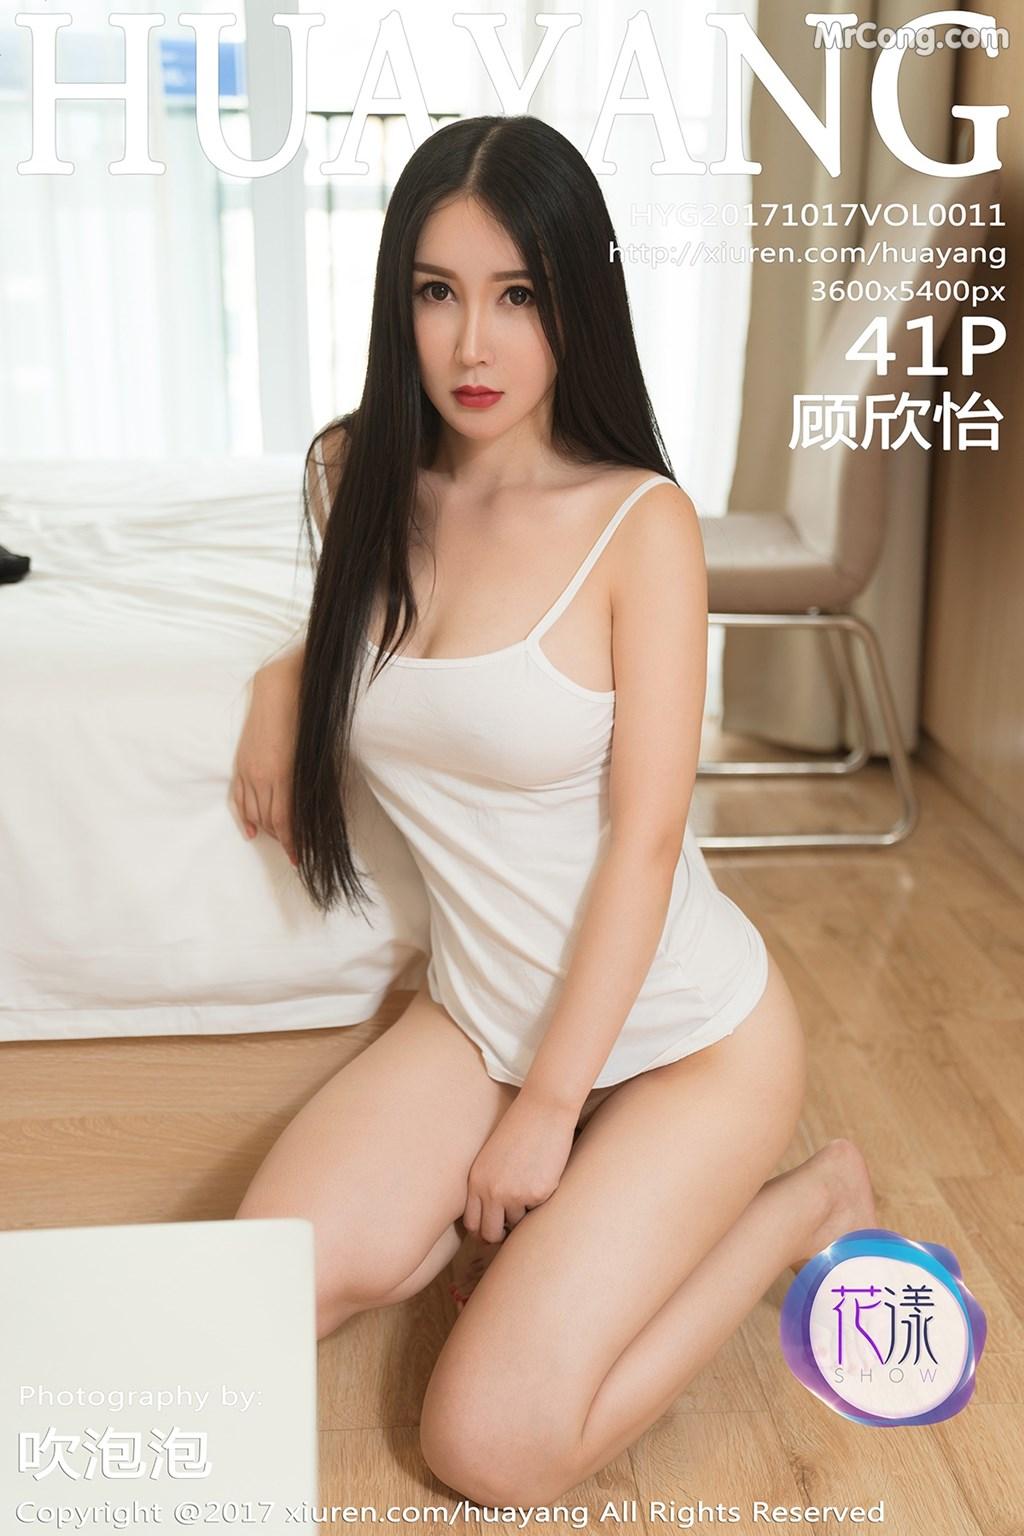 HuaYang 2017-10-17 Vol.011: Người mẫu Gu Xinyi (顾欣怡) (42 ảnh)